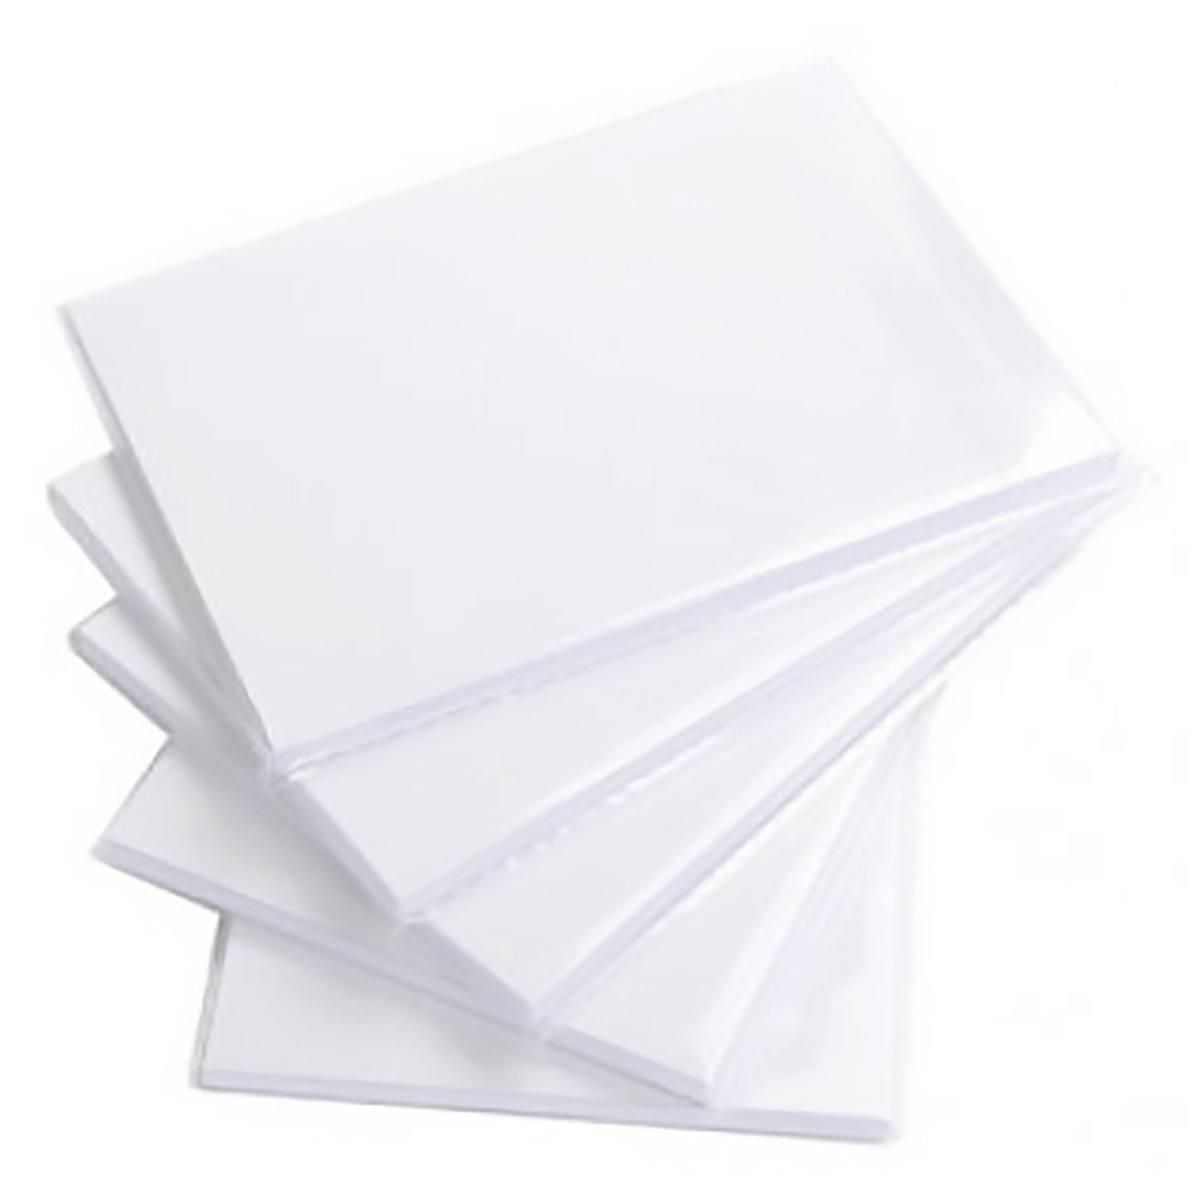 Papel Fotográfico 10x15 cm 180g Glossy Branco Brilhante com 300 Folhas